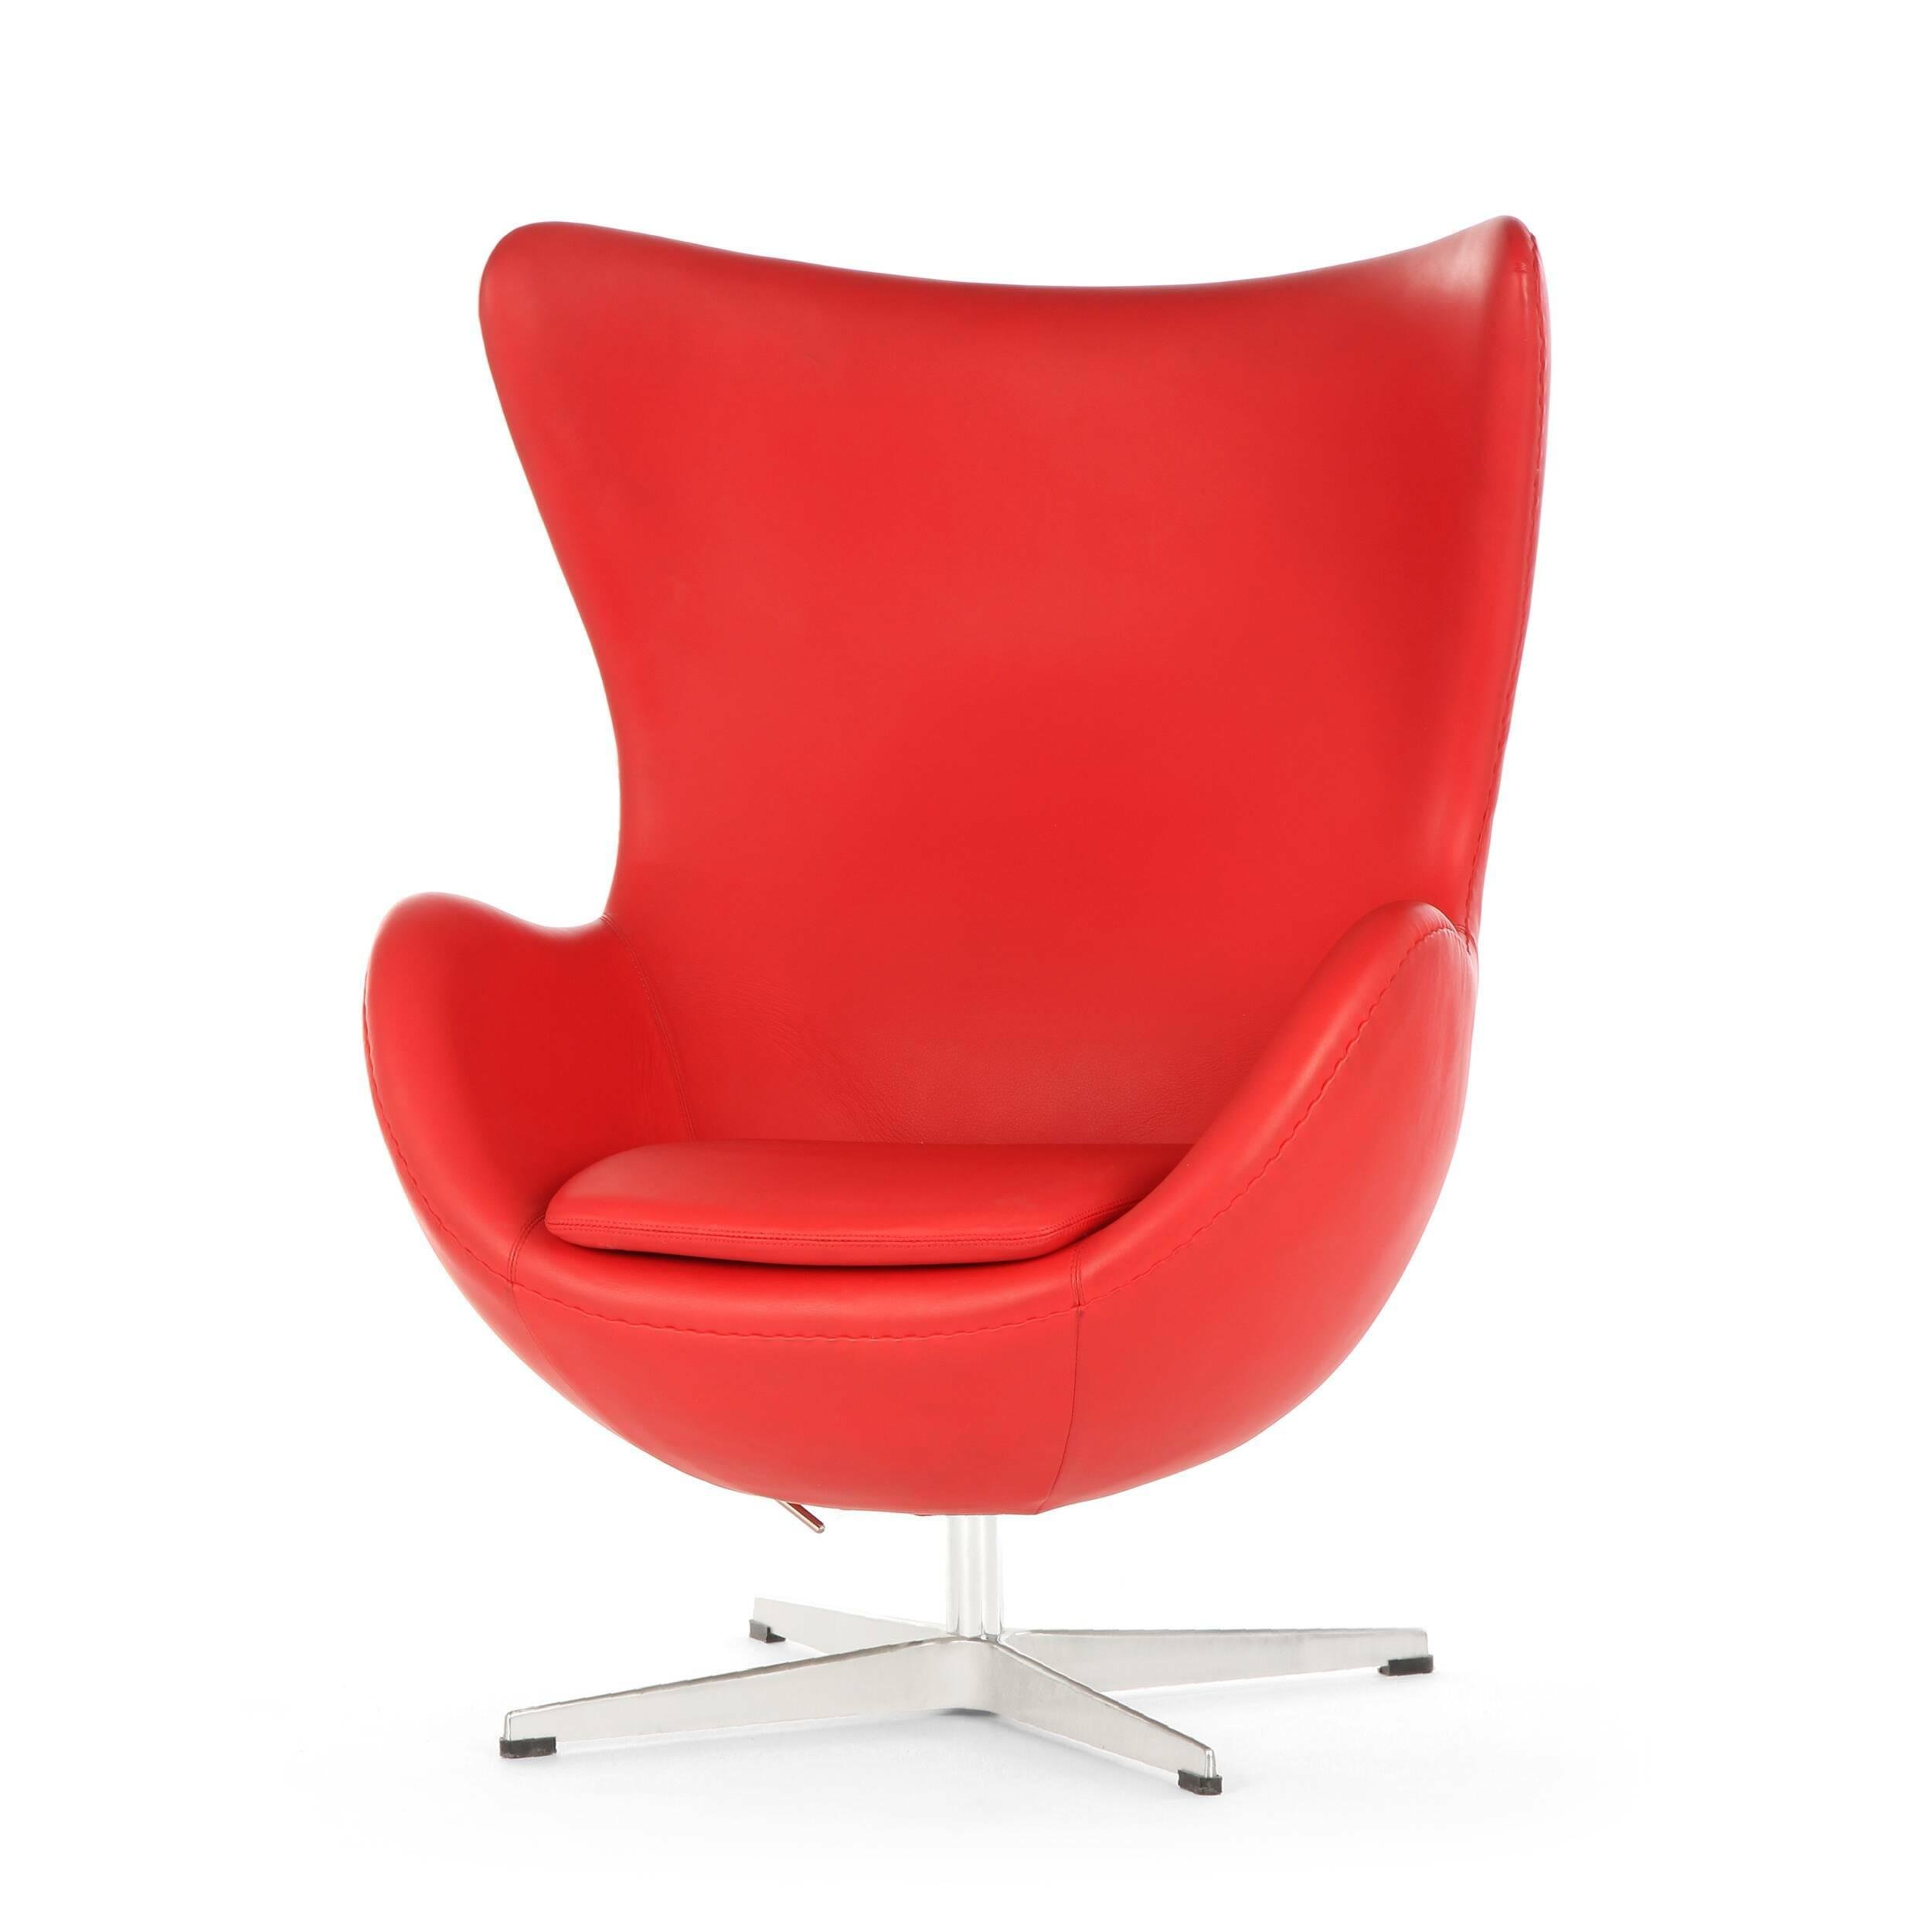 Кресло EggИнтерьерные<br>Дизайнерское комфортное кресло Egg (Эгг) в форме яйца на узкой ножке от Cosmo (Космо).<br><br><br> Кресло, своими очертаниями напоминающее яйцо, — одно из самых известных творений датского дизайнера Арне Якобсена. Вряд ли оно когда-нибудь выйдет из моды — уж слишком велик диапазон его интерьерных возможностей. Кроме того, обыгрывать данную форму помогают различные фактуры и цвета обивок.<br><br><br> Особенно приятно и солидно смотрится оригинальное кресло Egg в обивке из натуральной кожи, представлен...<br><br>stock: 0<br>Высота: 105,5<br>Высота сиденья: 41<br>Ширина: 87<br>Глубина: 82<br>Цвет ножек: Хром<br>Коллекция ткани: Standart Leather<br>Тип материала обивки: Кожа<br>Тип материала ножек: Алюминий<br>Цвет обивки: Красный